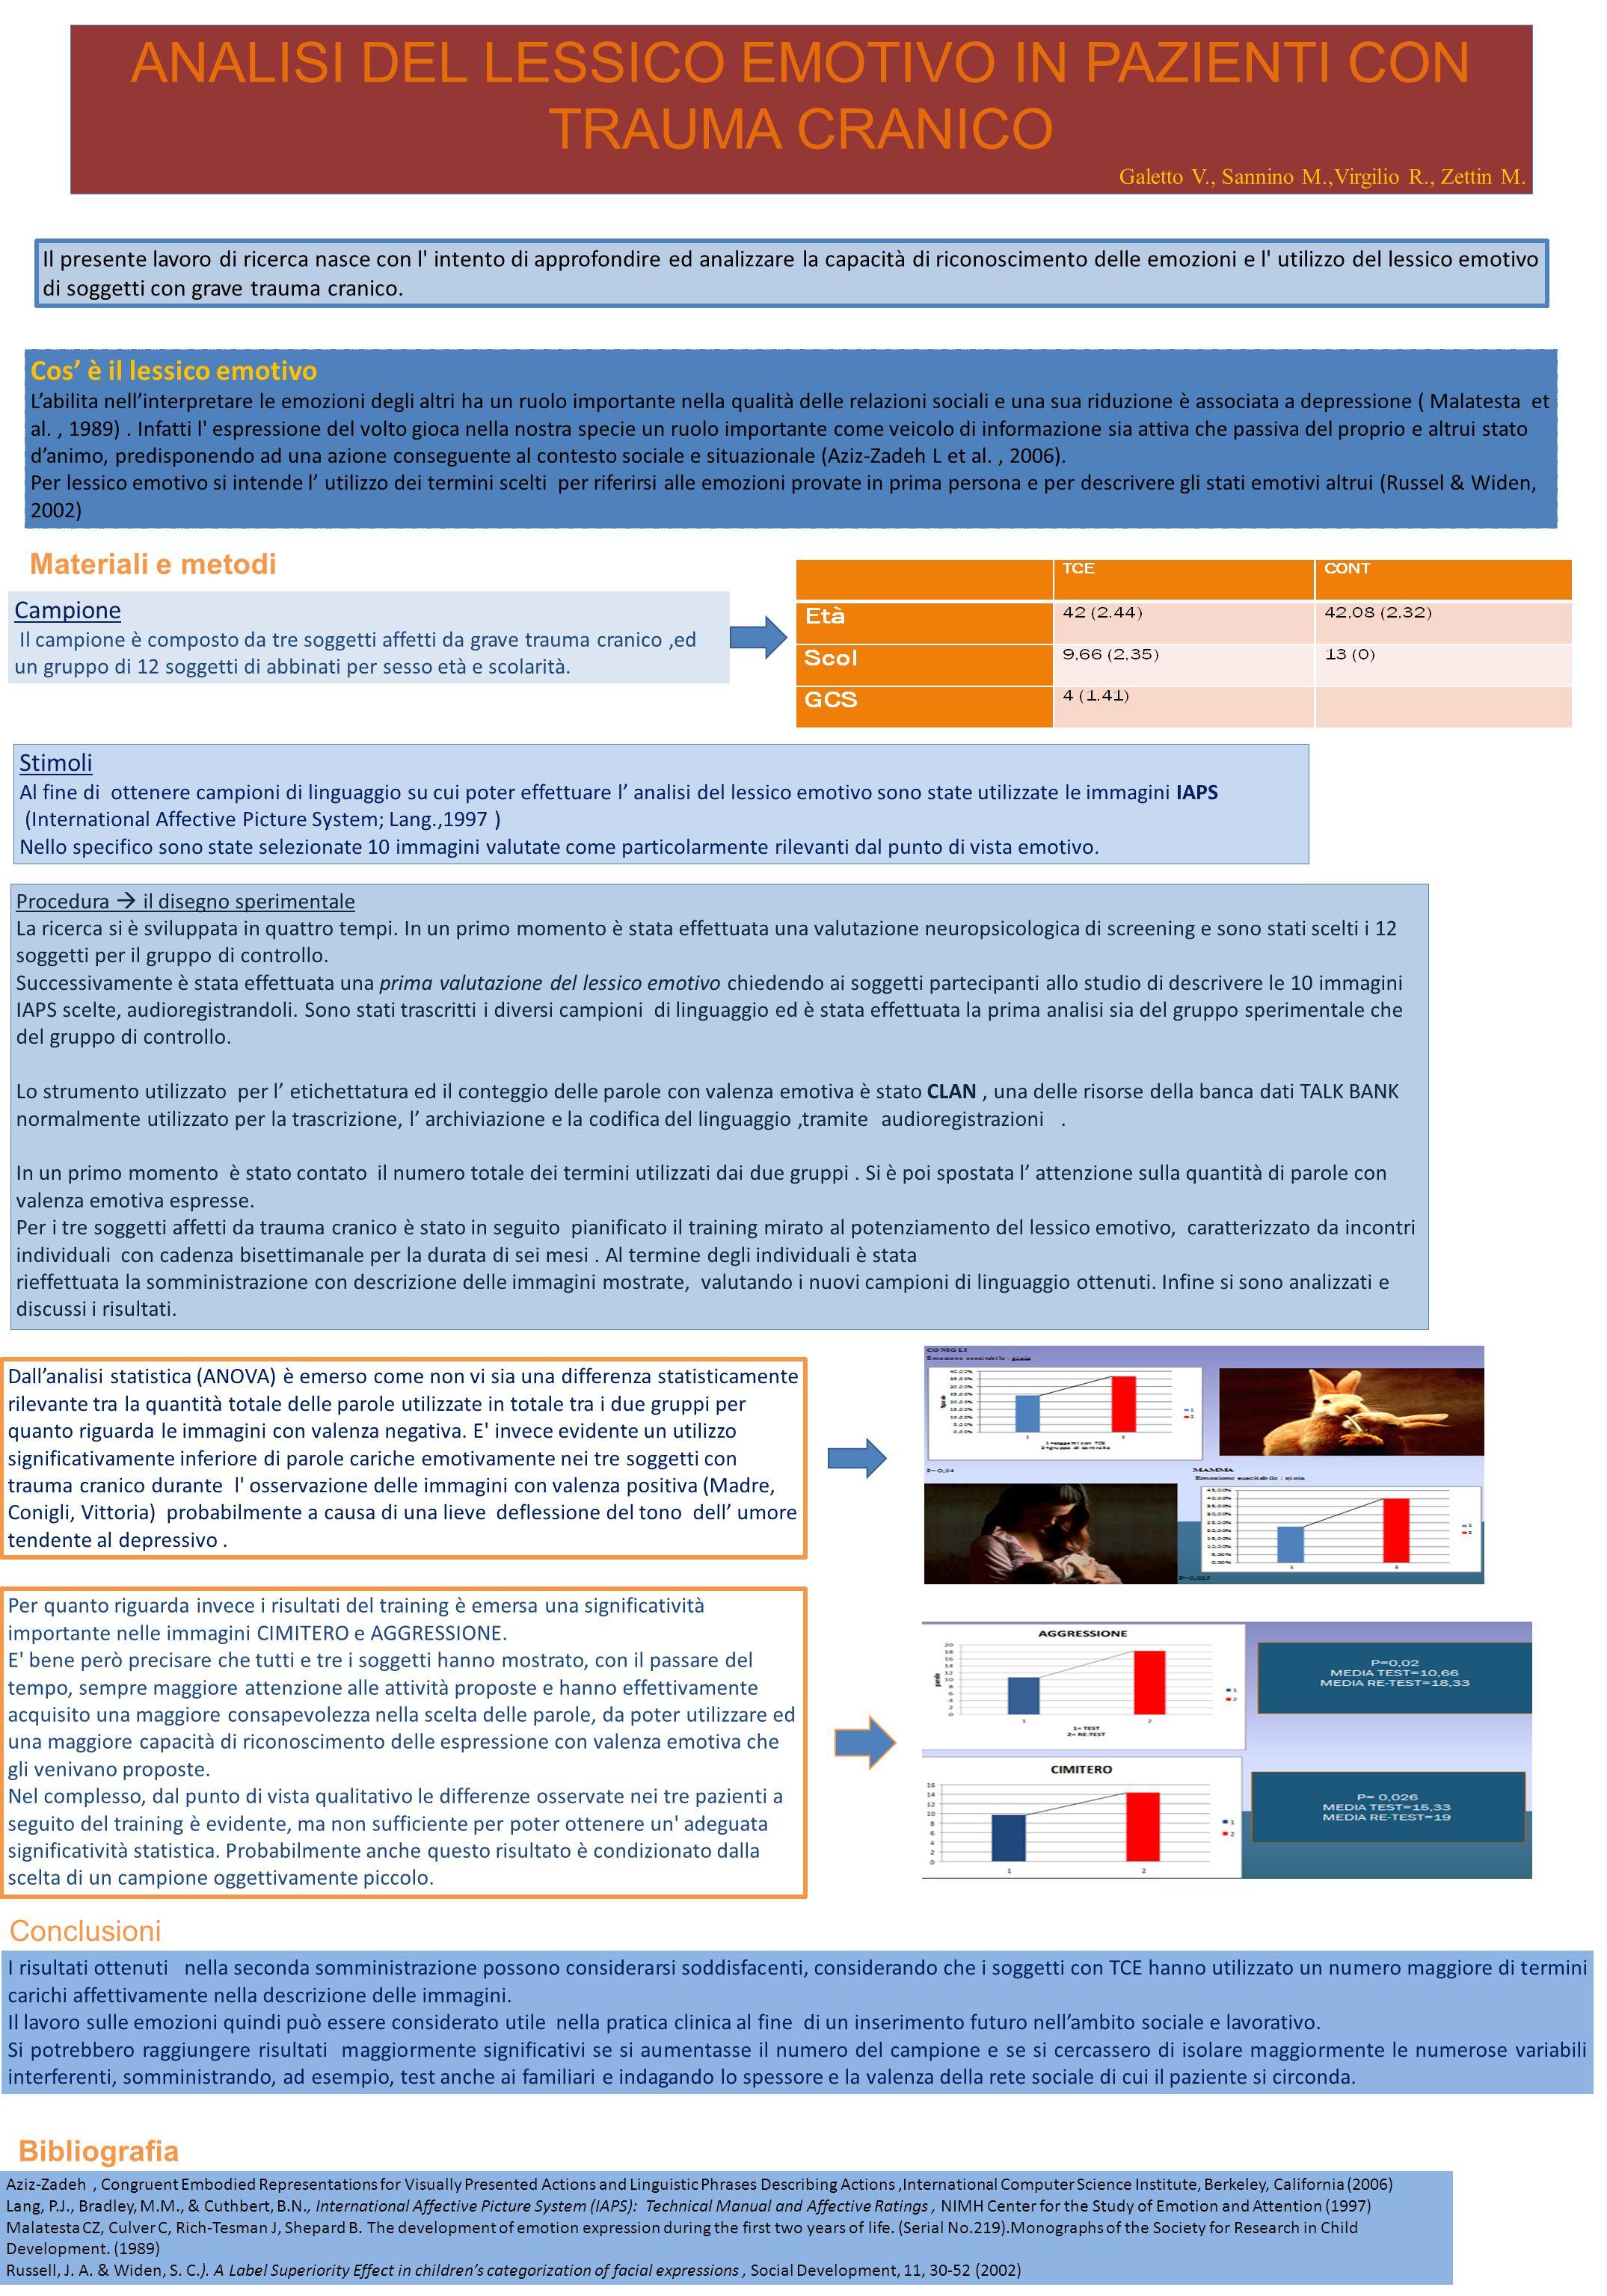 Il presente lavoro di ricerca nasce con l intento di approfondire ed analizzare la capacità di riconoscimento delle emozioni e l utilizzo del lessico emotivo di soggetti con grave trauma cranico.